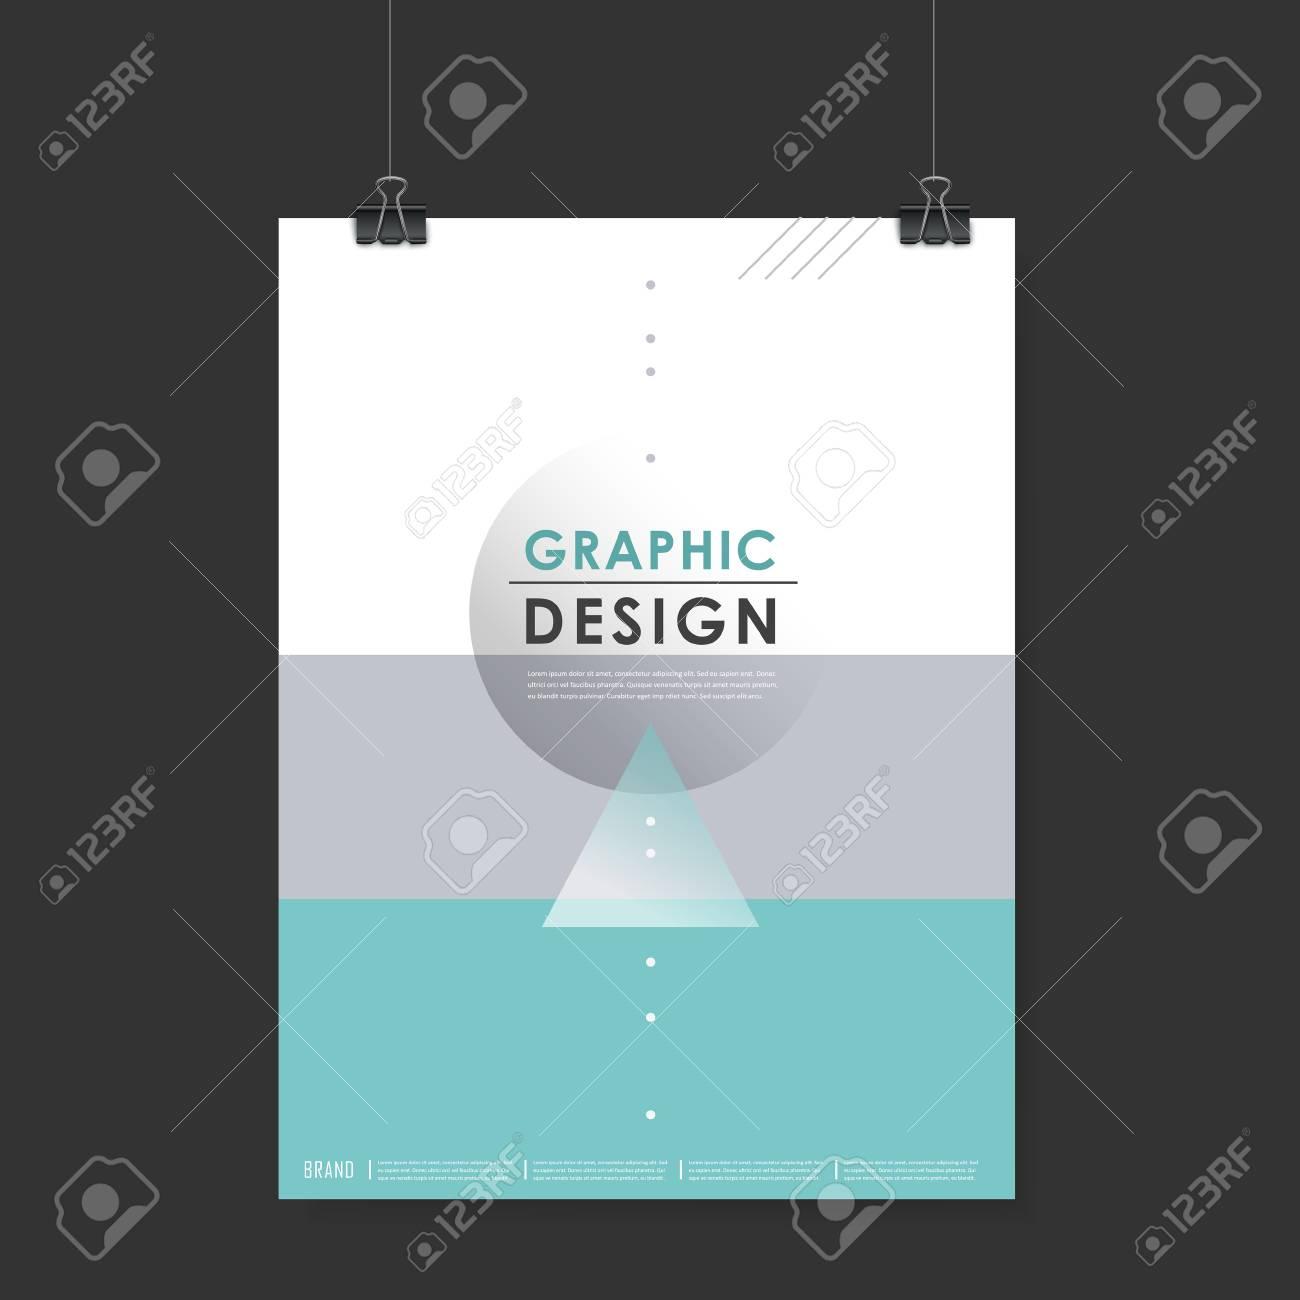 Beautiful Beispiel Graphic Design Vorschlag Pattern - FORTSETZUNG ...